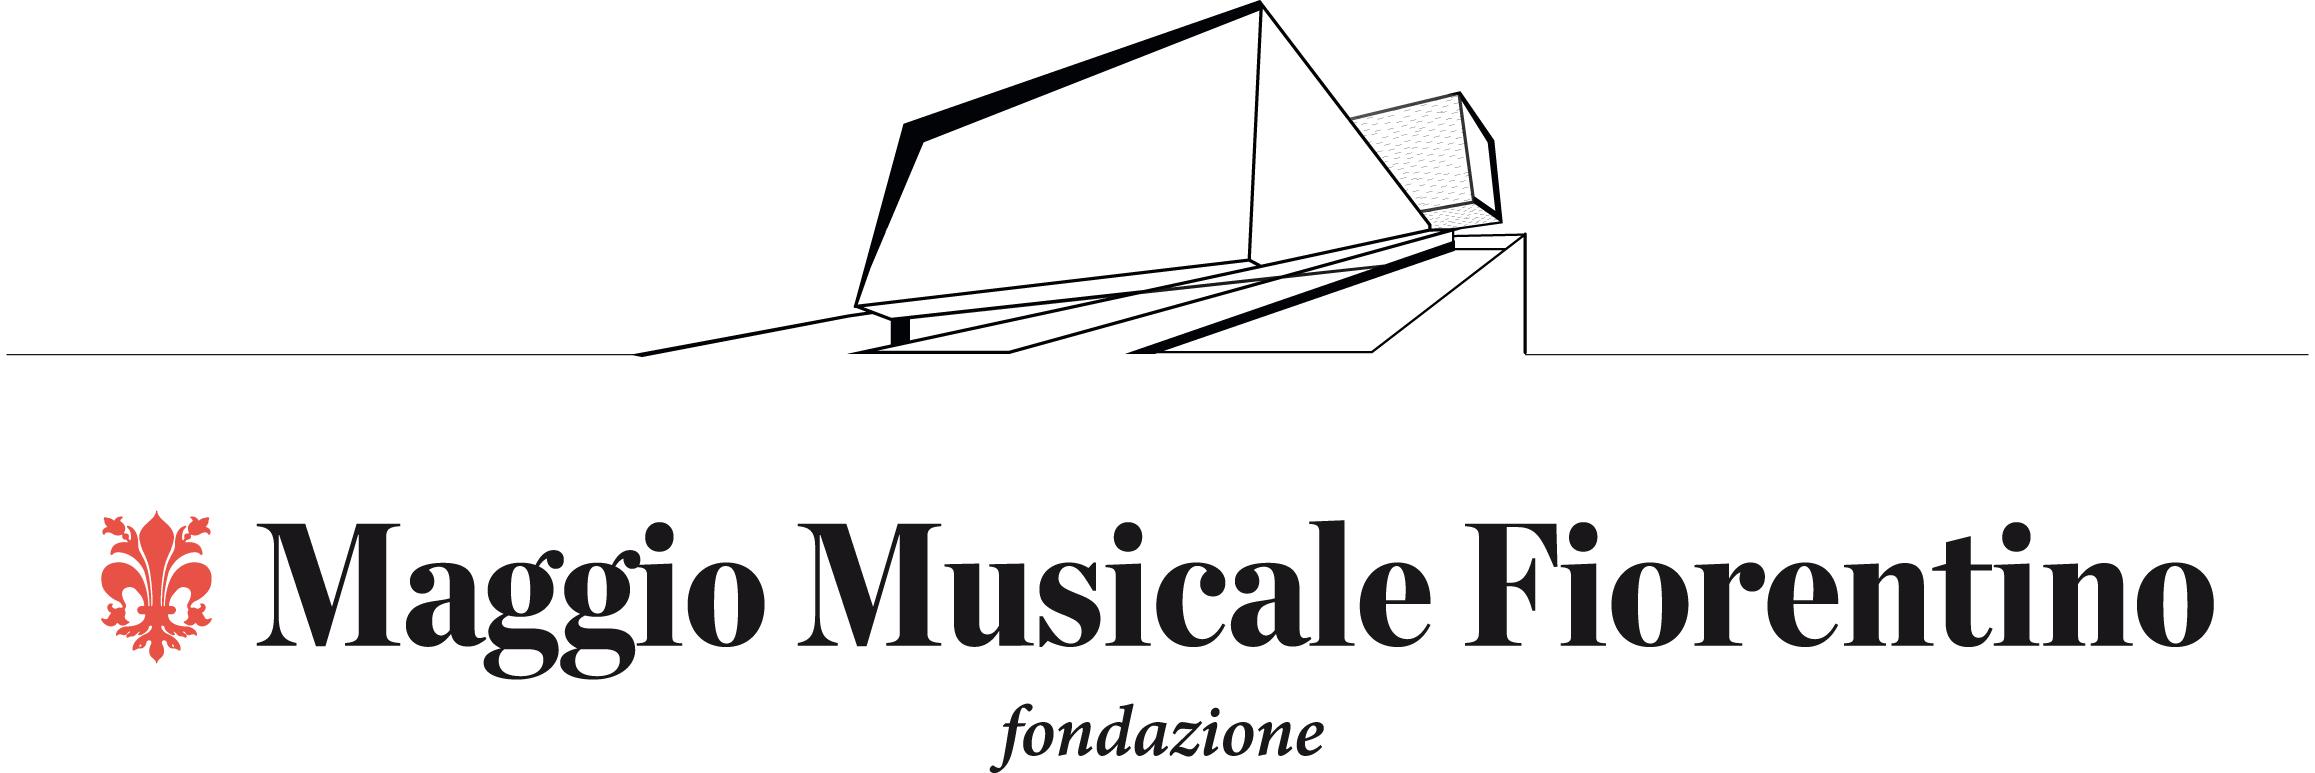 logo_maggiomusicalefiorentino.png